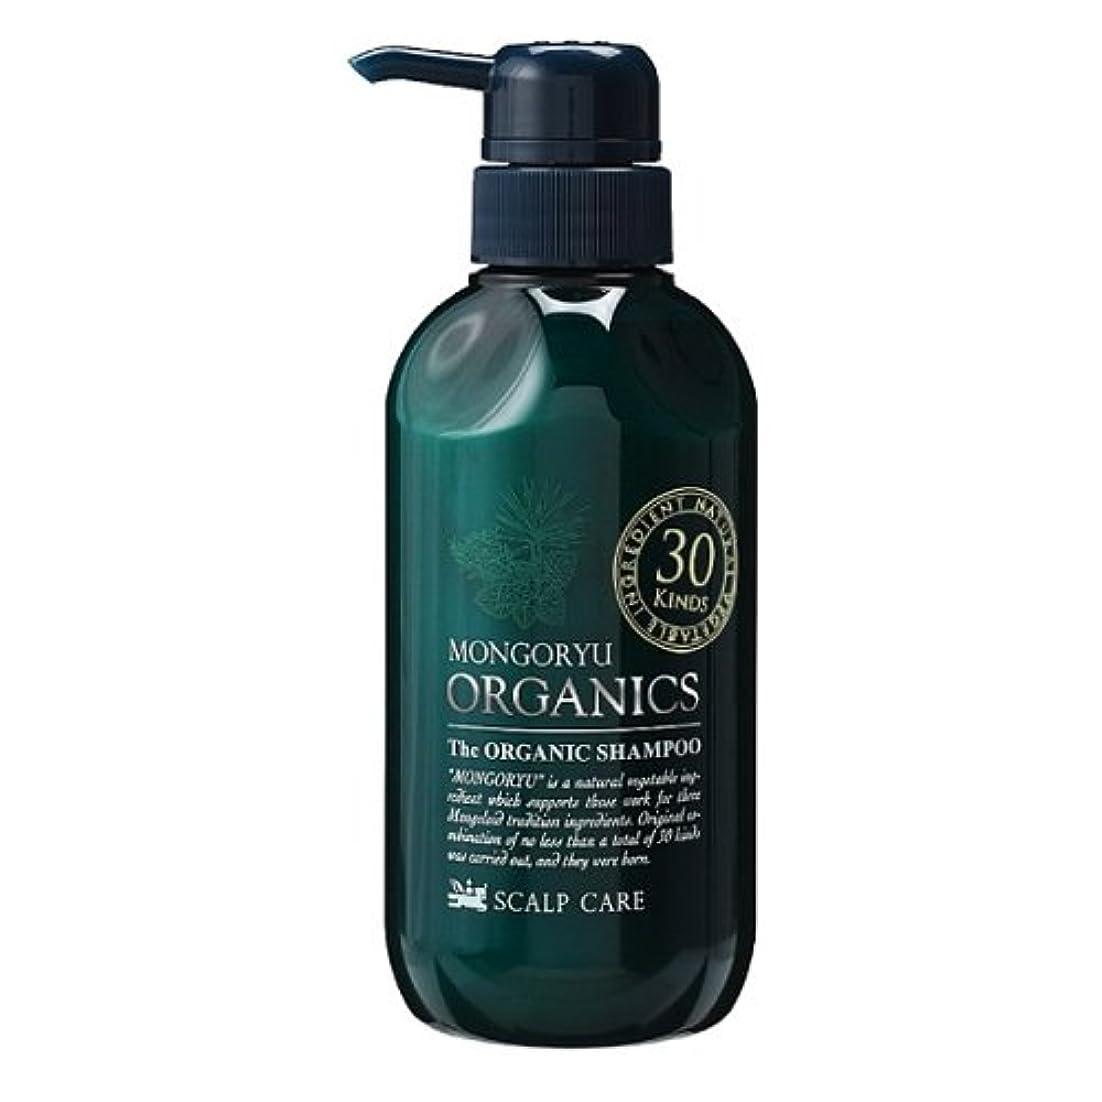 アプライアンスナイロンバリーモンゴ流 シャンプー 薬用 オーガニクス 320ml 医薬部外品 スカルプケア オーガニックハーブの香り